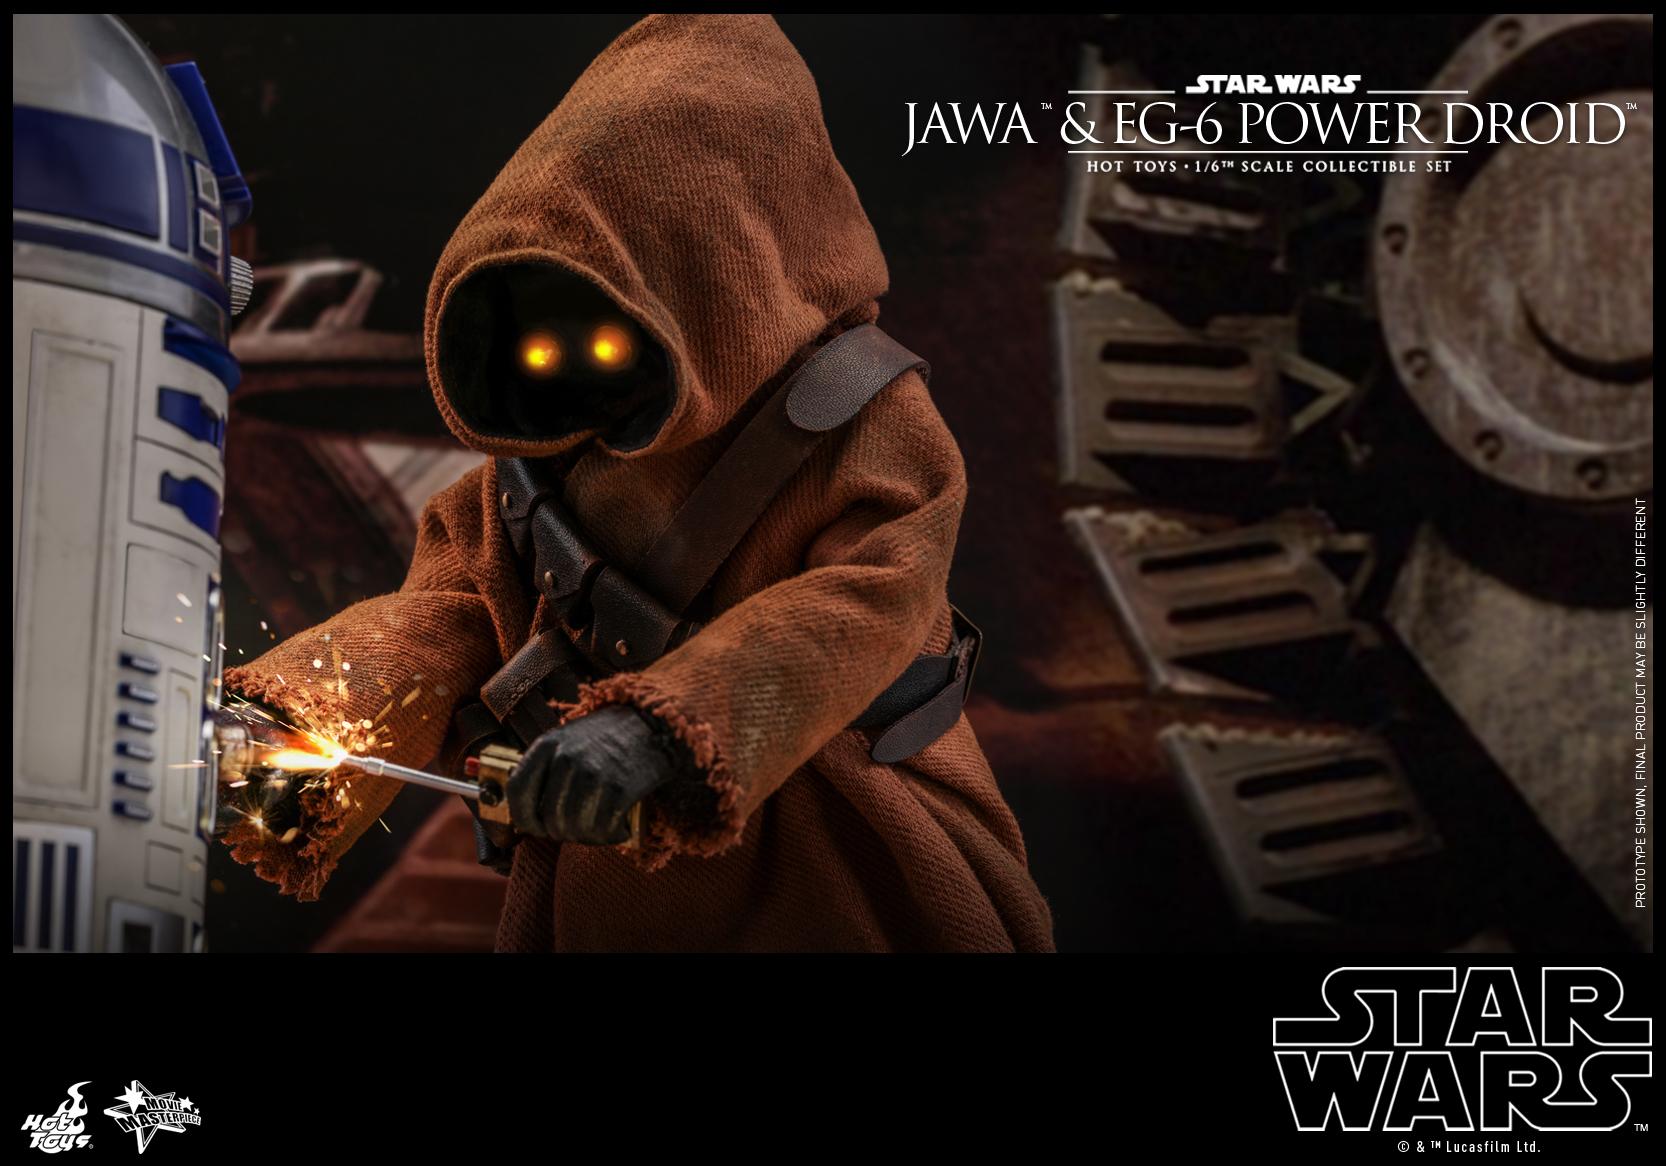 Hot Toys - Star Wars Epi 4 - Jawa & EG-6 Power Droid - PR16